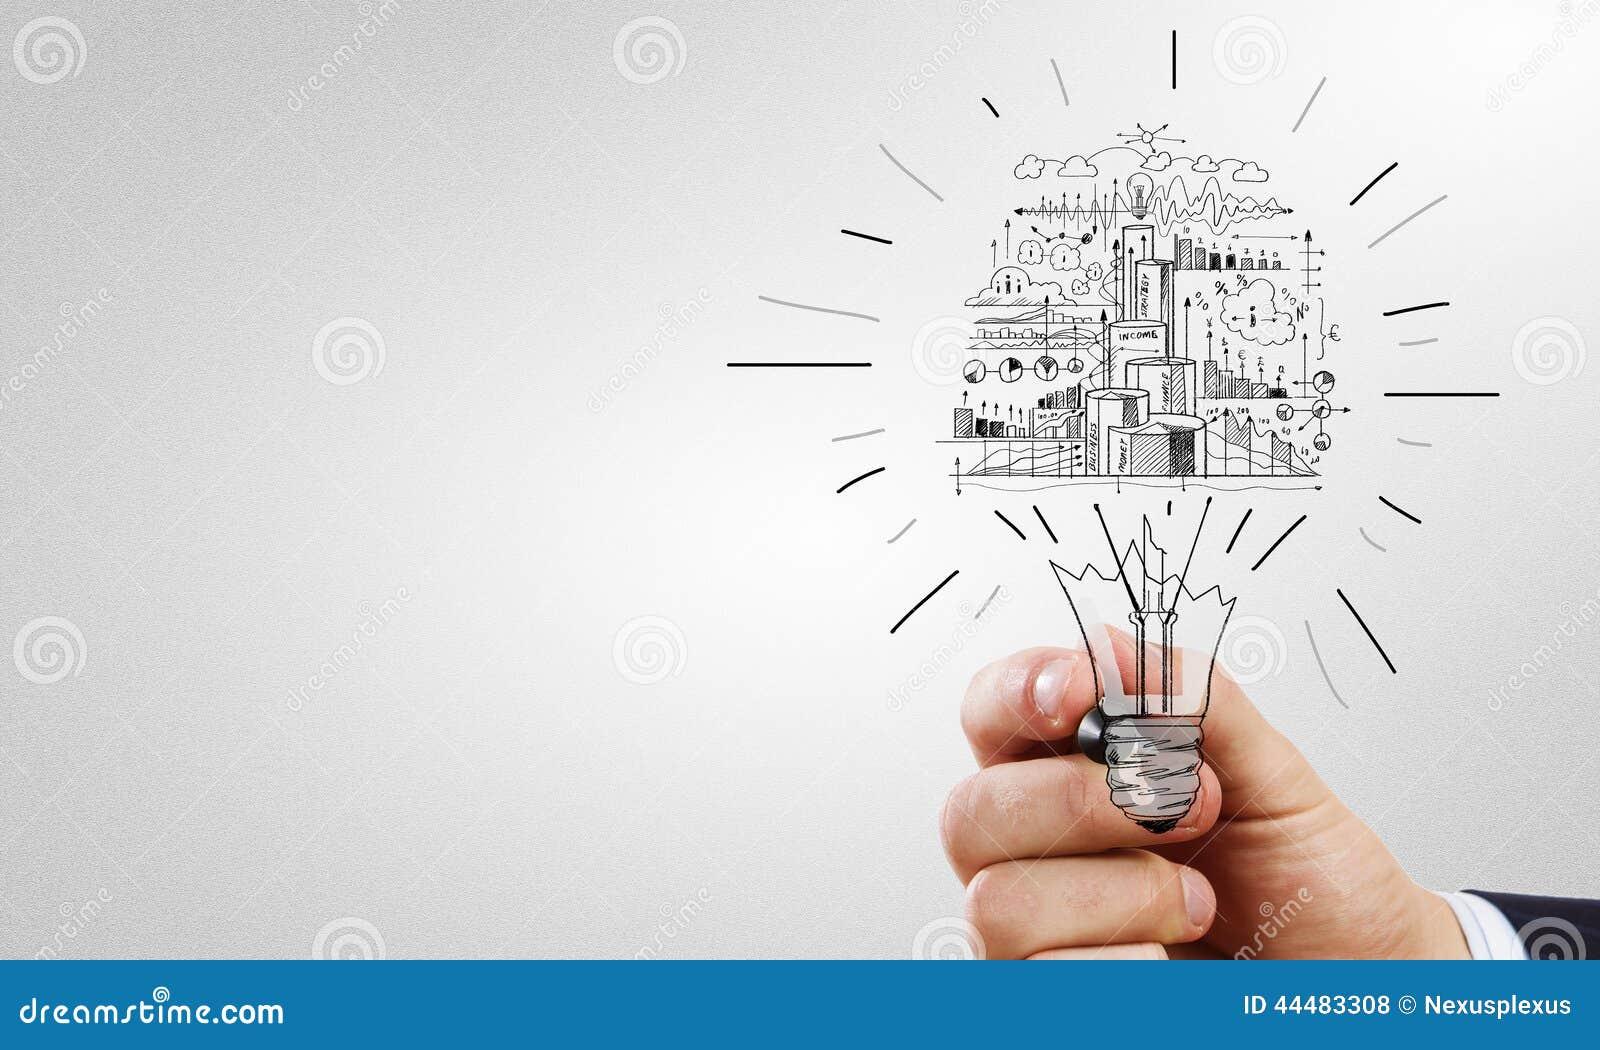 Business Ideas Stock Photo Image Of Architect Intelligence 44483308